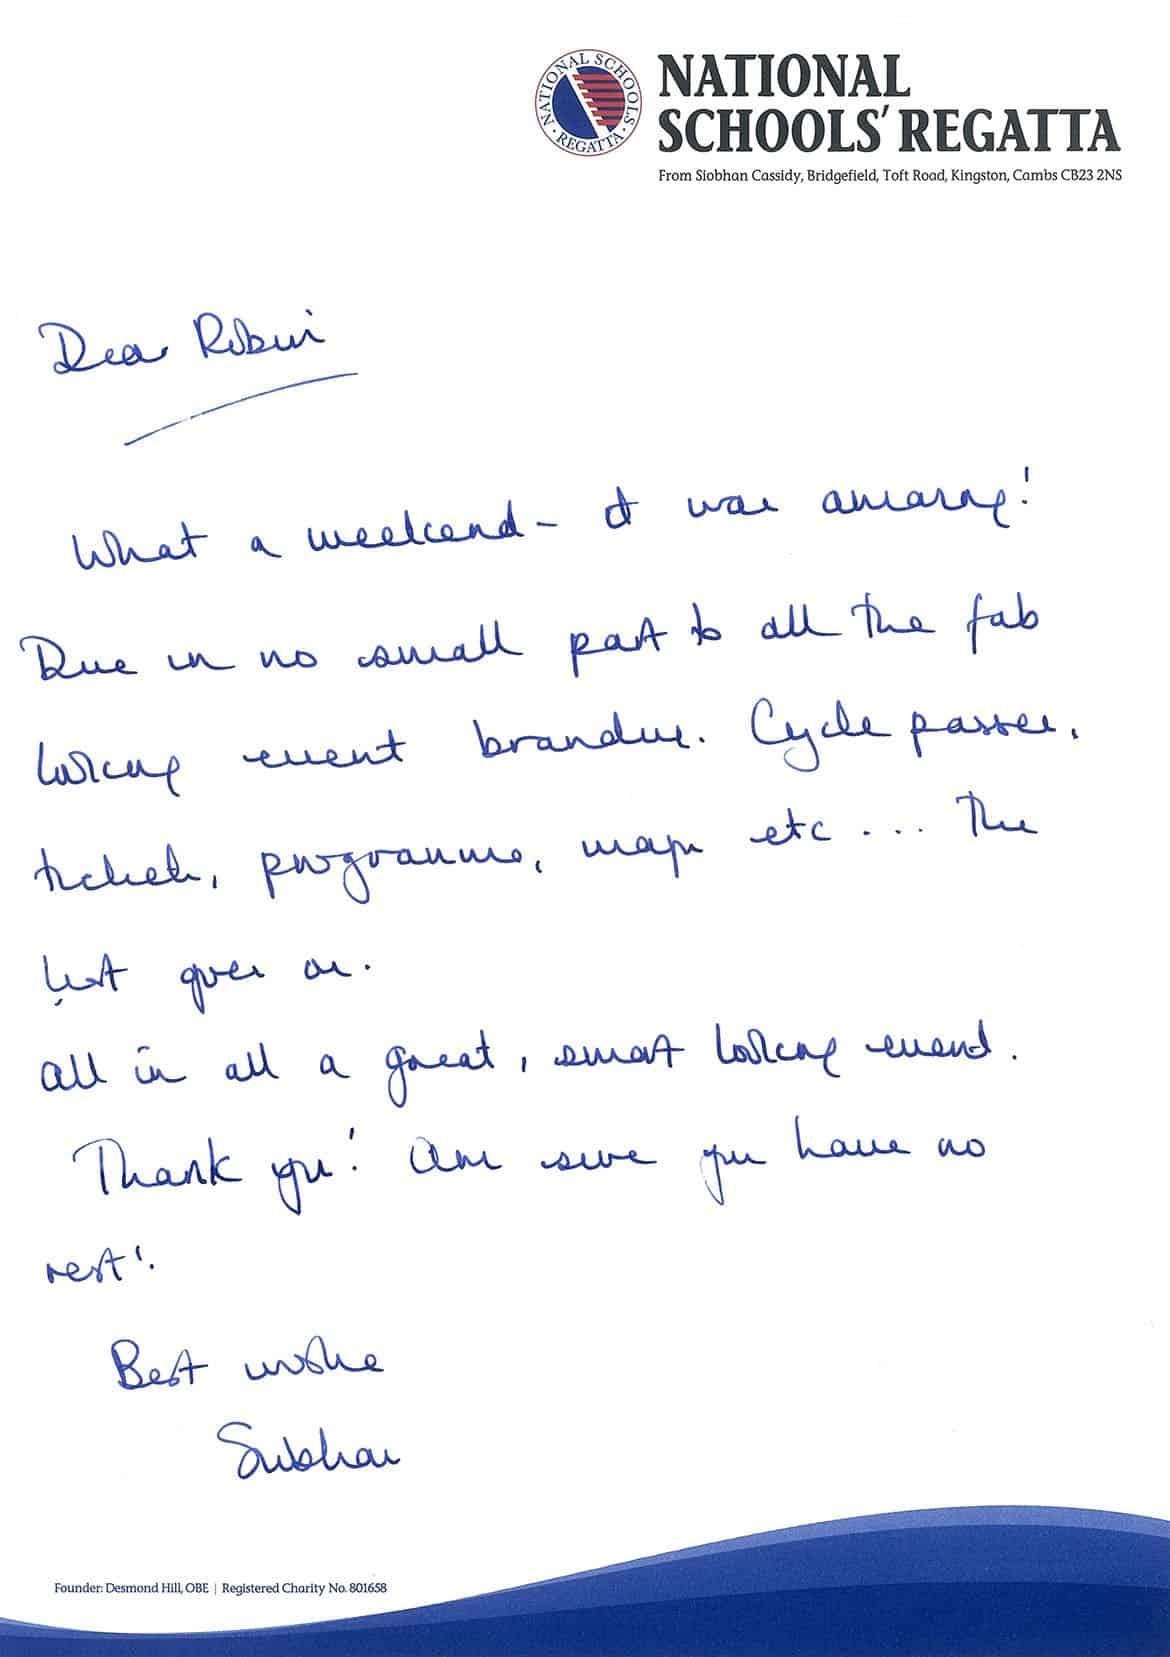 NSR Letter